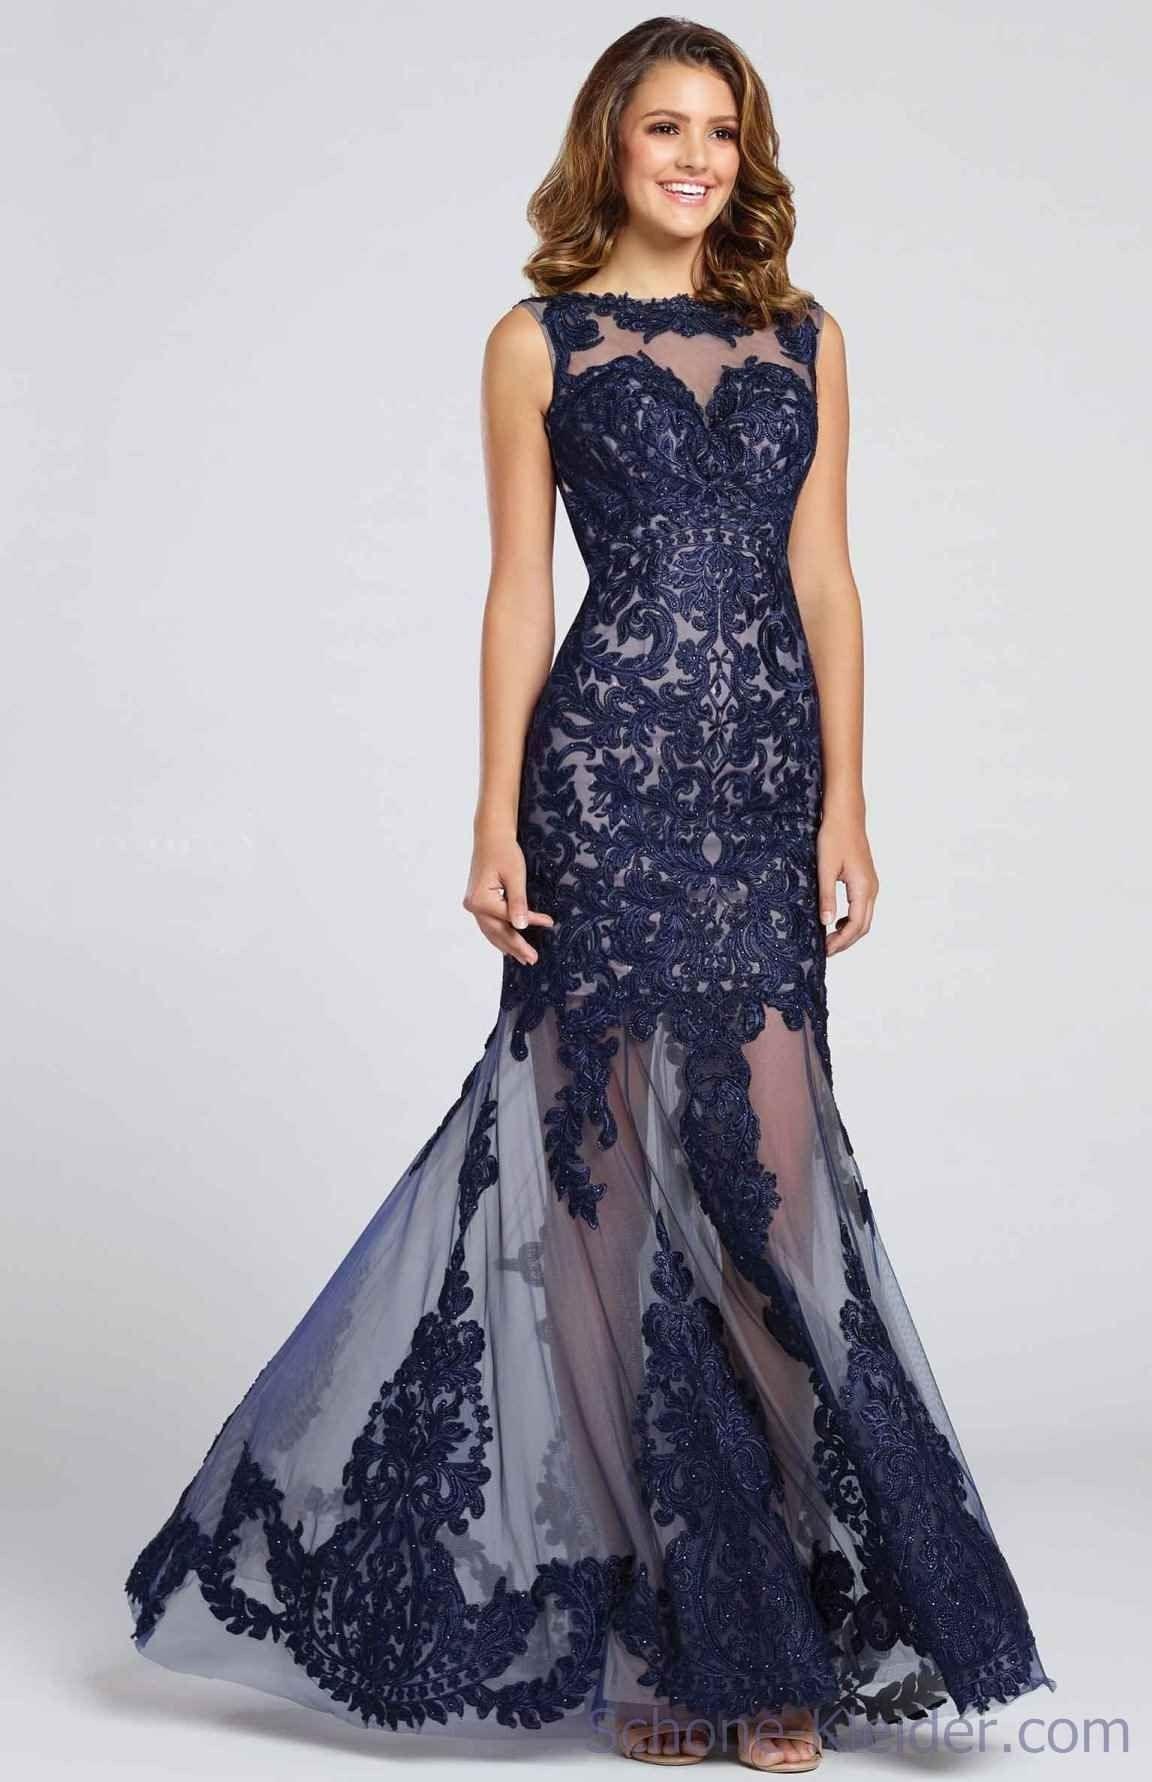 Abend Erstaunlich Abendkleider Eng Lang DesignDesigner Schön Abendkleider Eng Lang für 2019